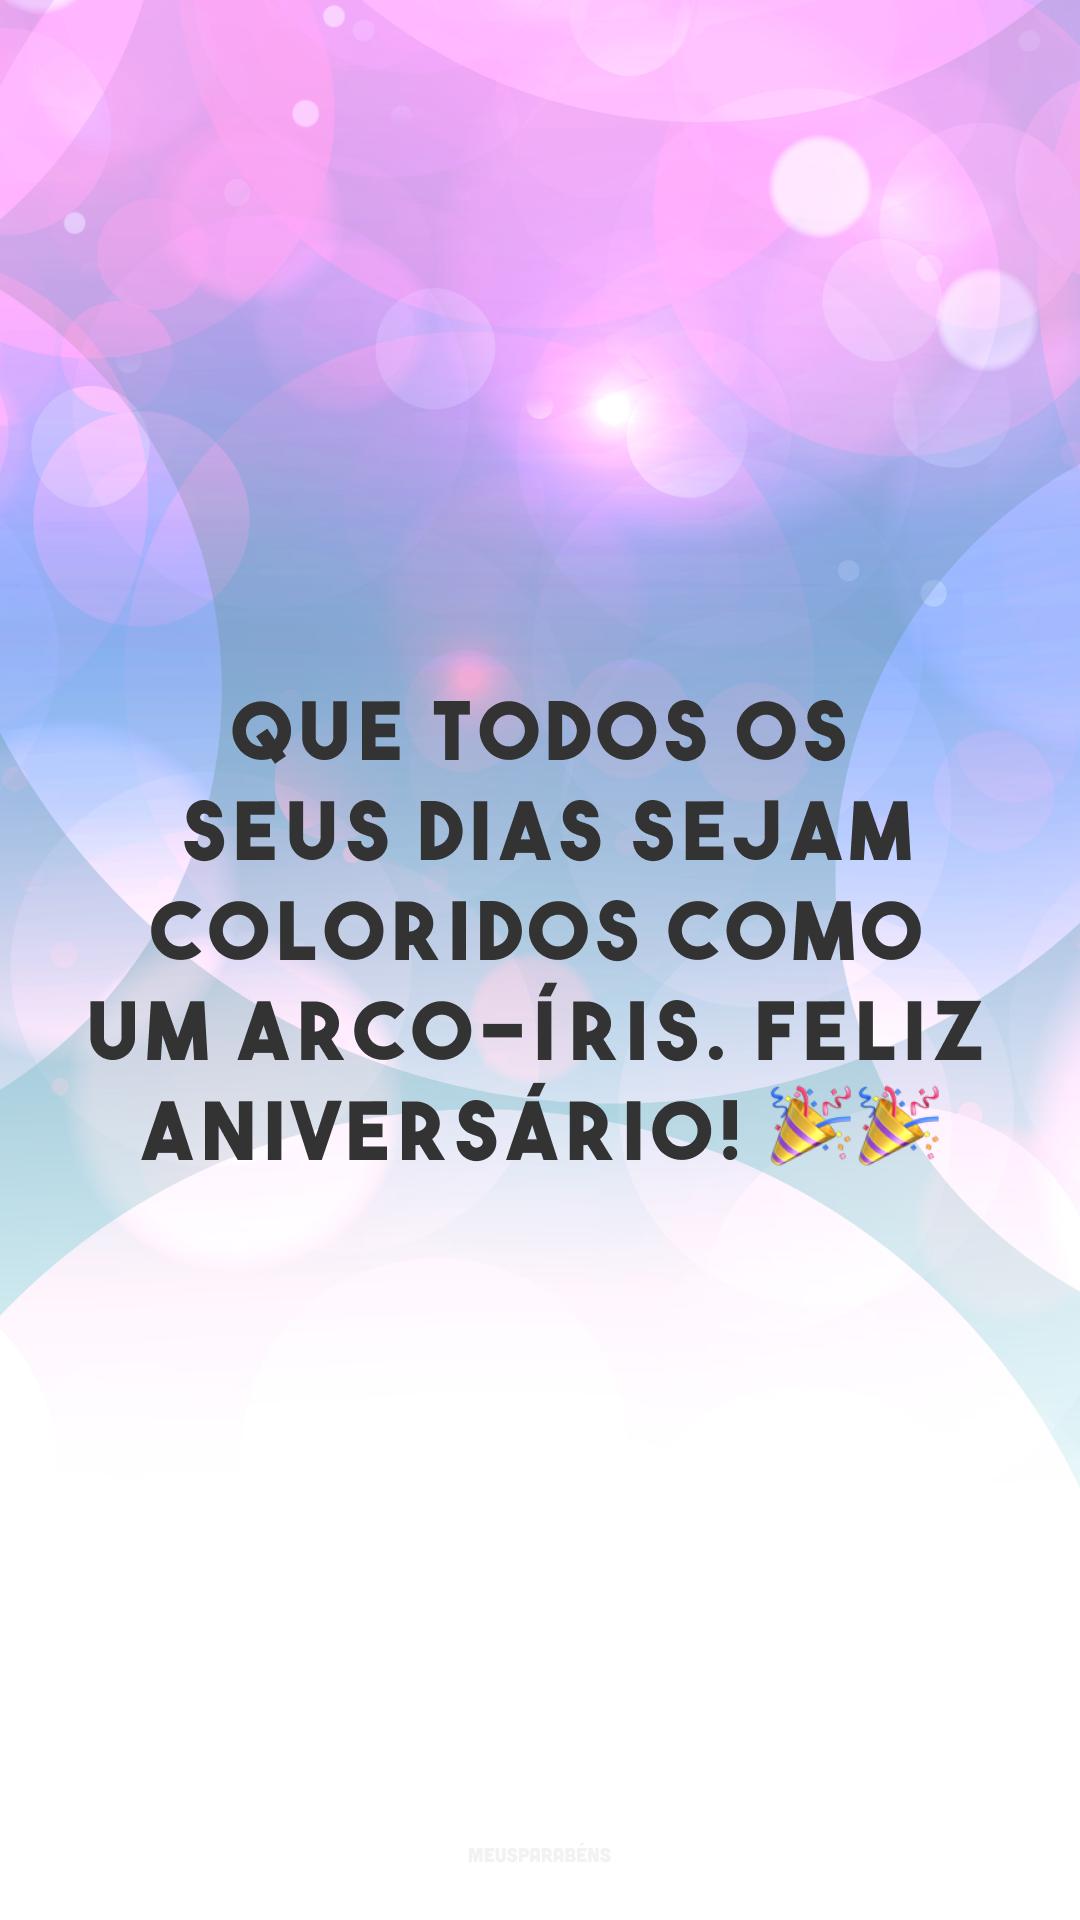 Que todos os seus dias sejam coloridos como um arco-íris. Feliz aniversário! 🎉🎉